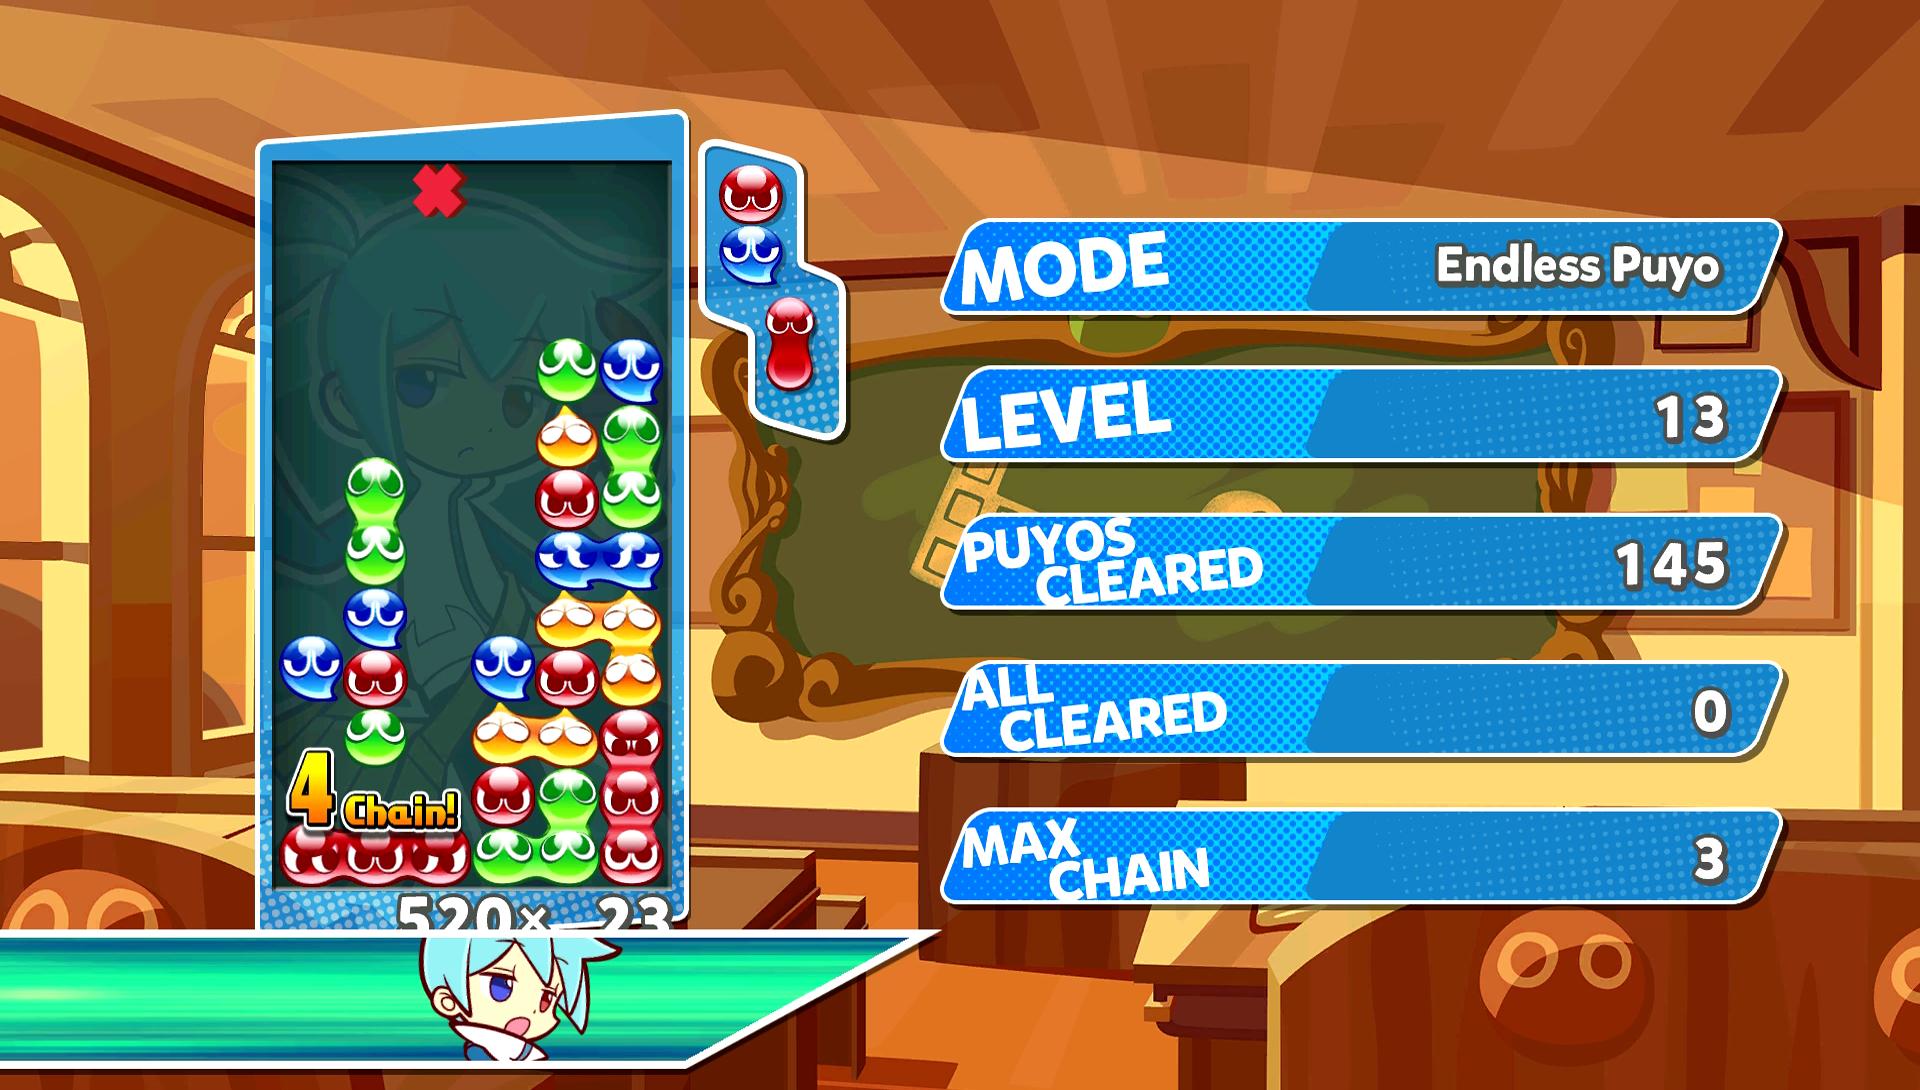 Puyo Puyo Tetris single player